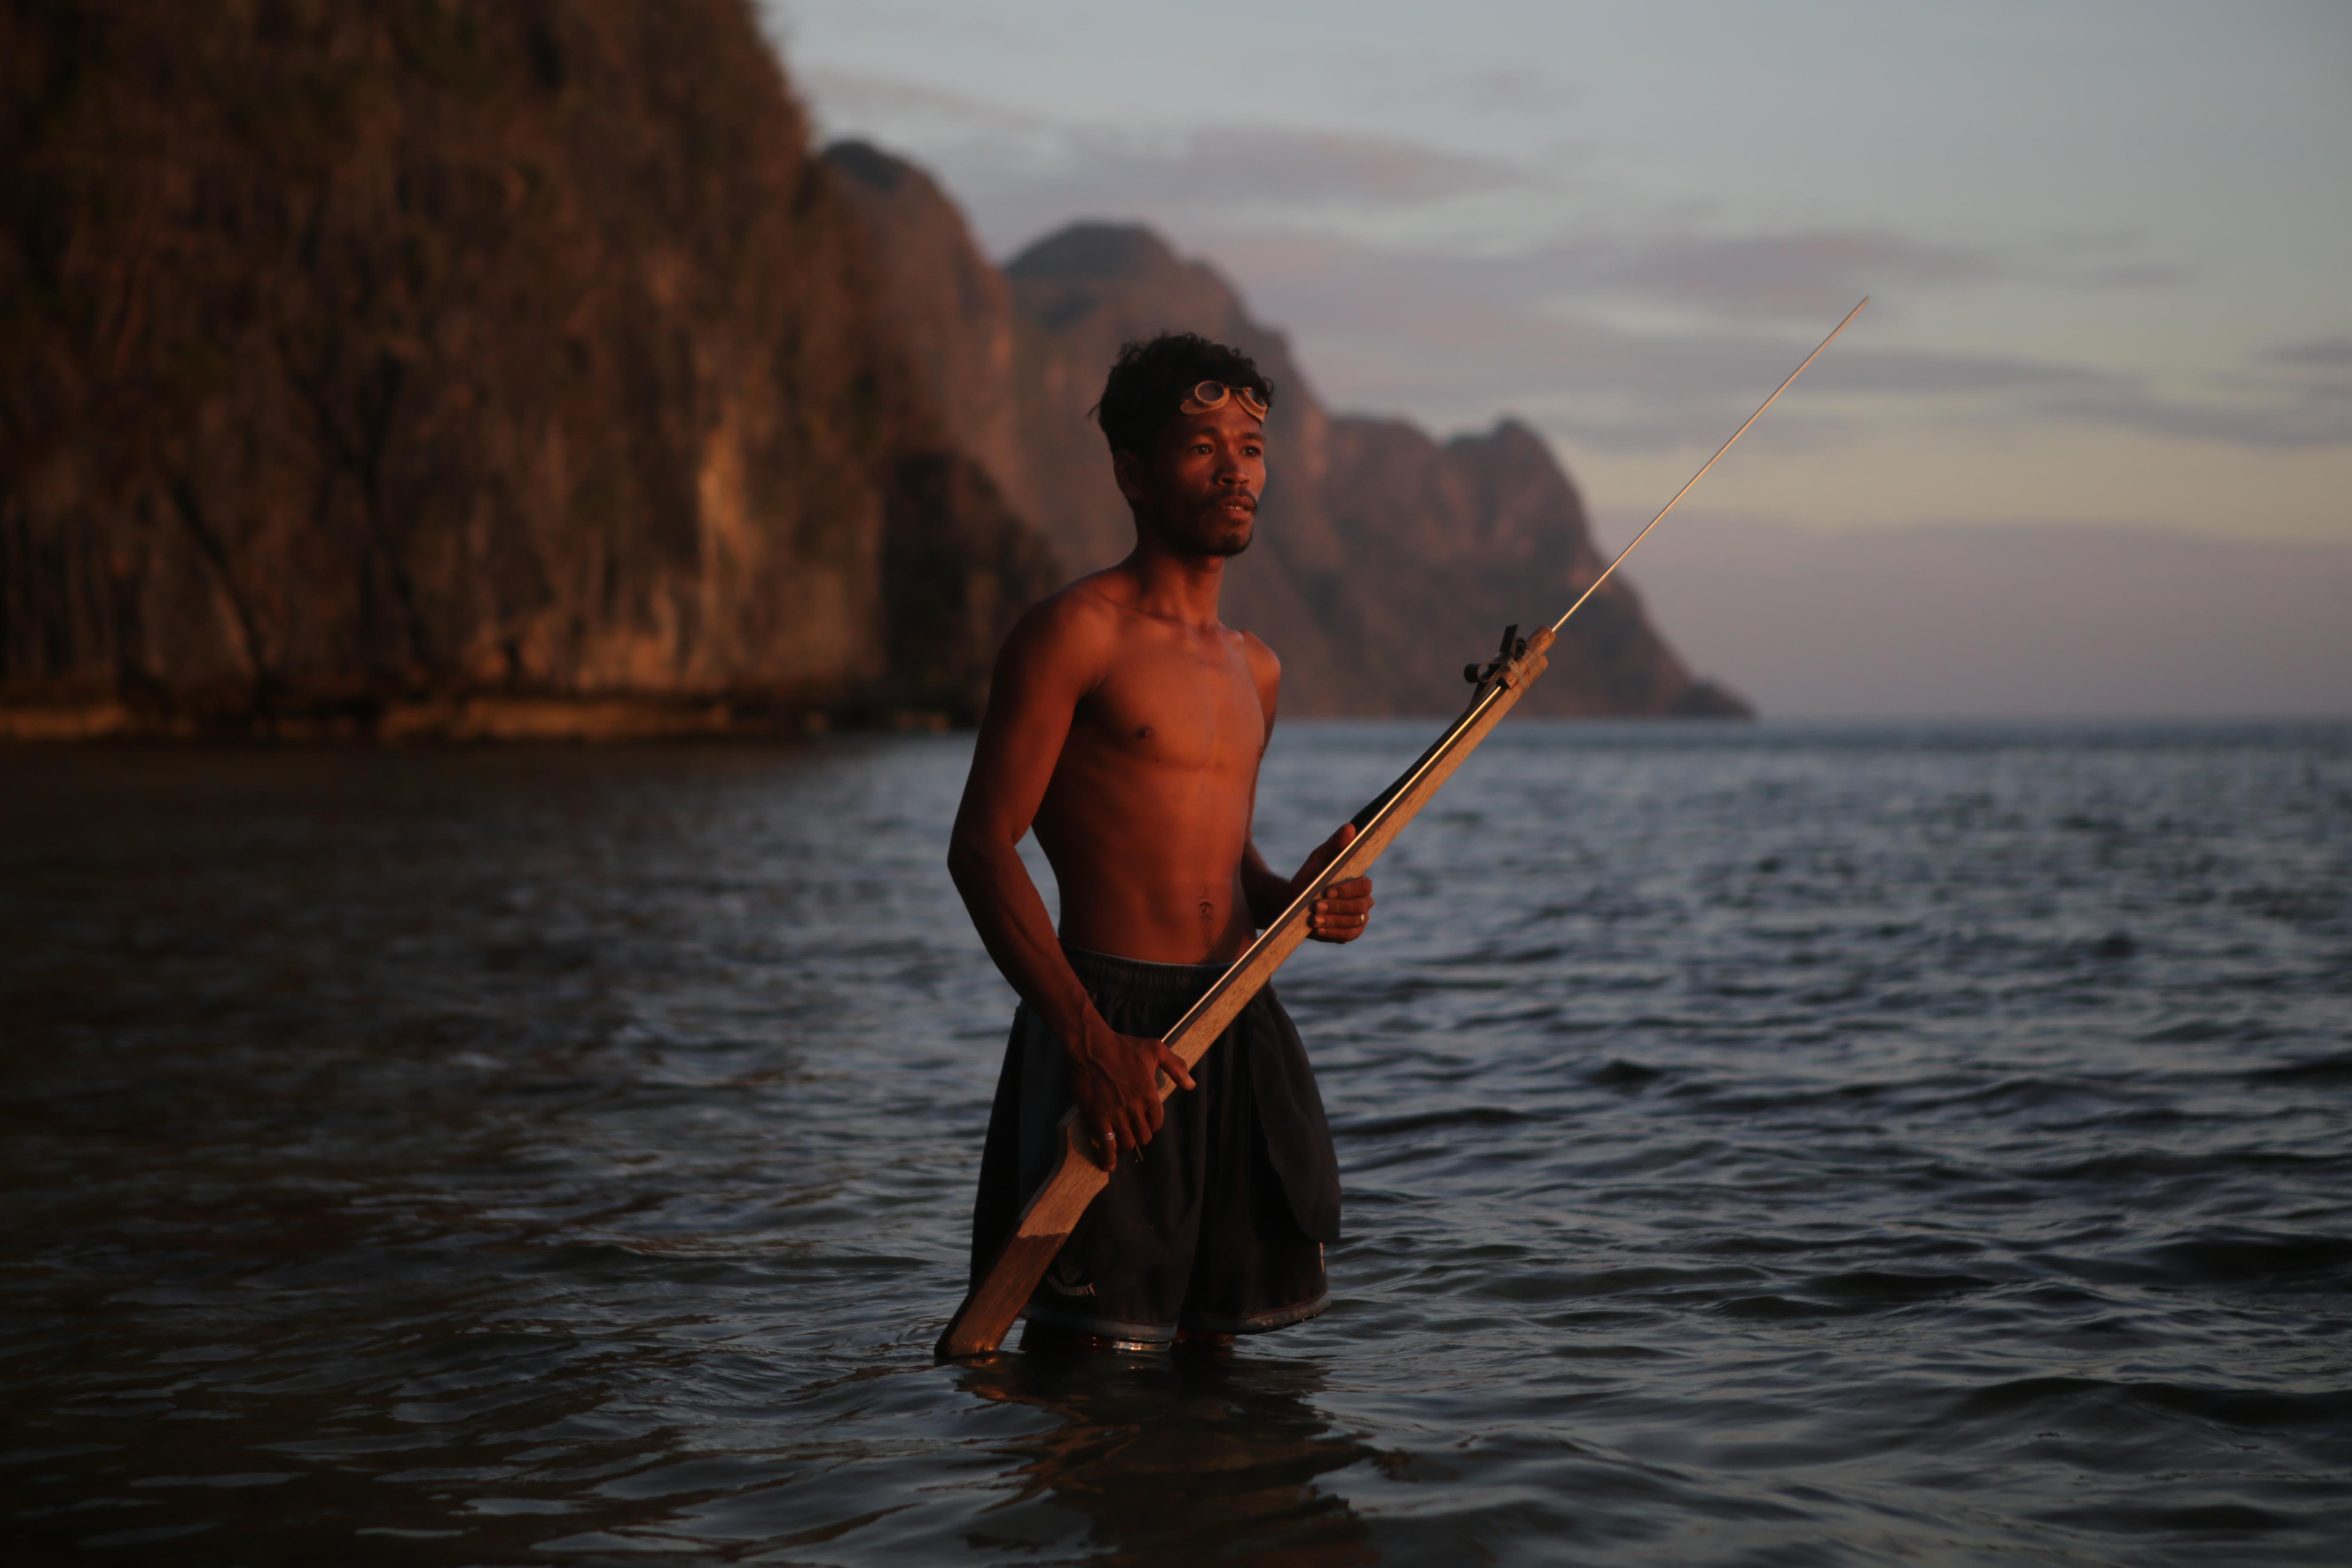 Tagbanua fisherman from Coron Palawan